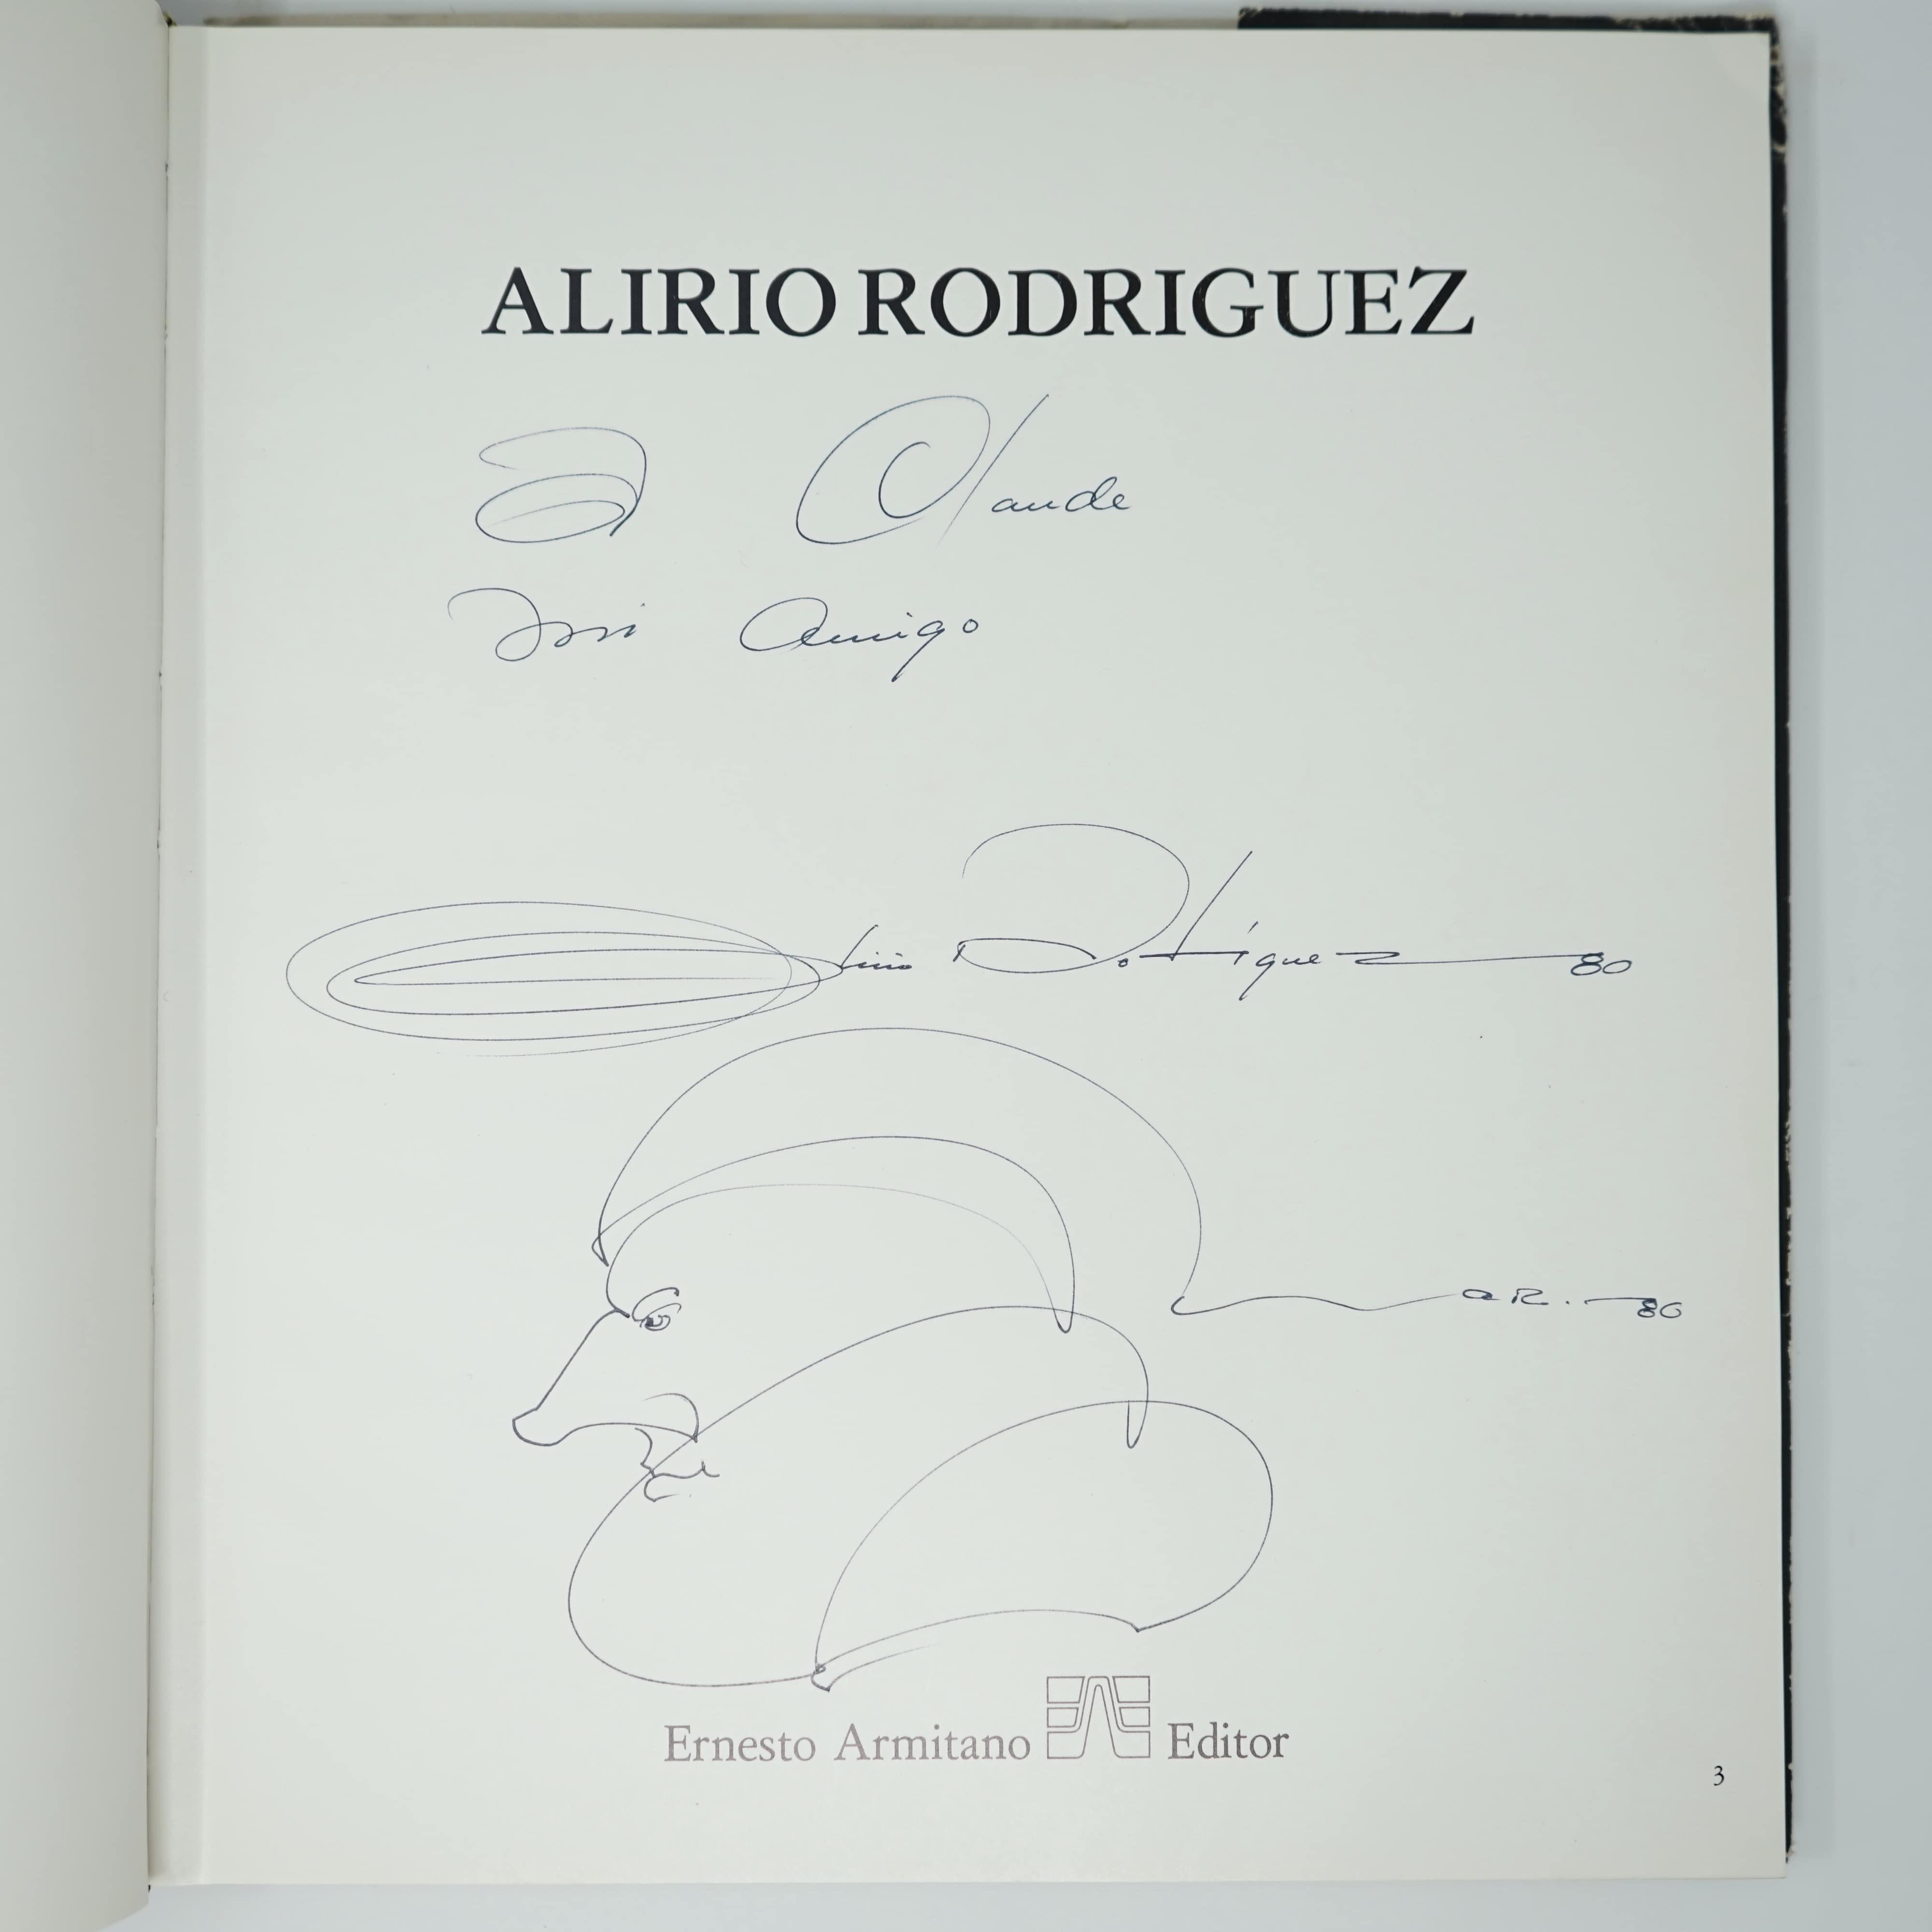 Livre Alirio Rodriguez Original et Dédicacé Le Dessin et La Dédicace